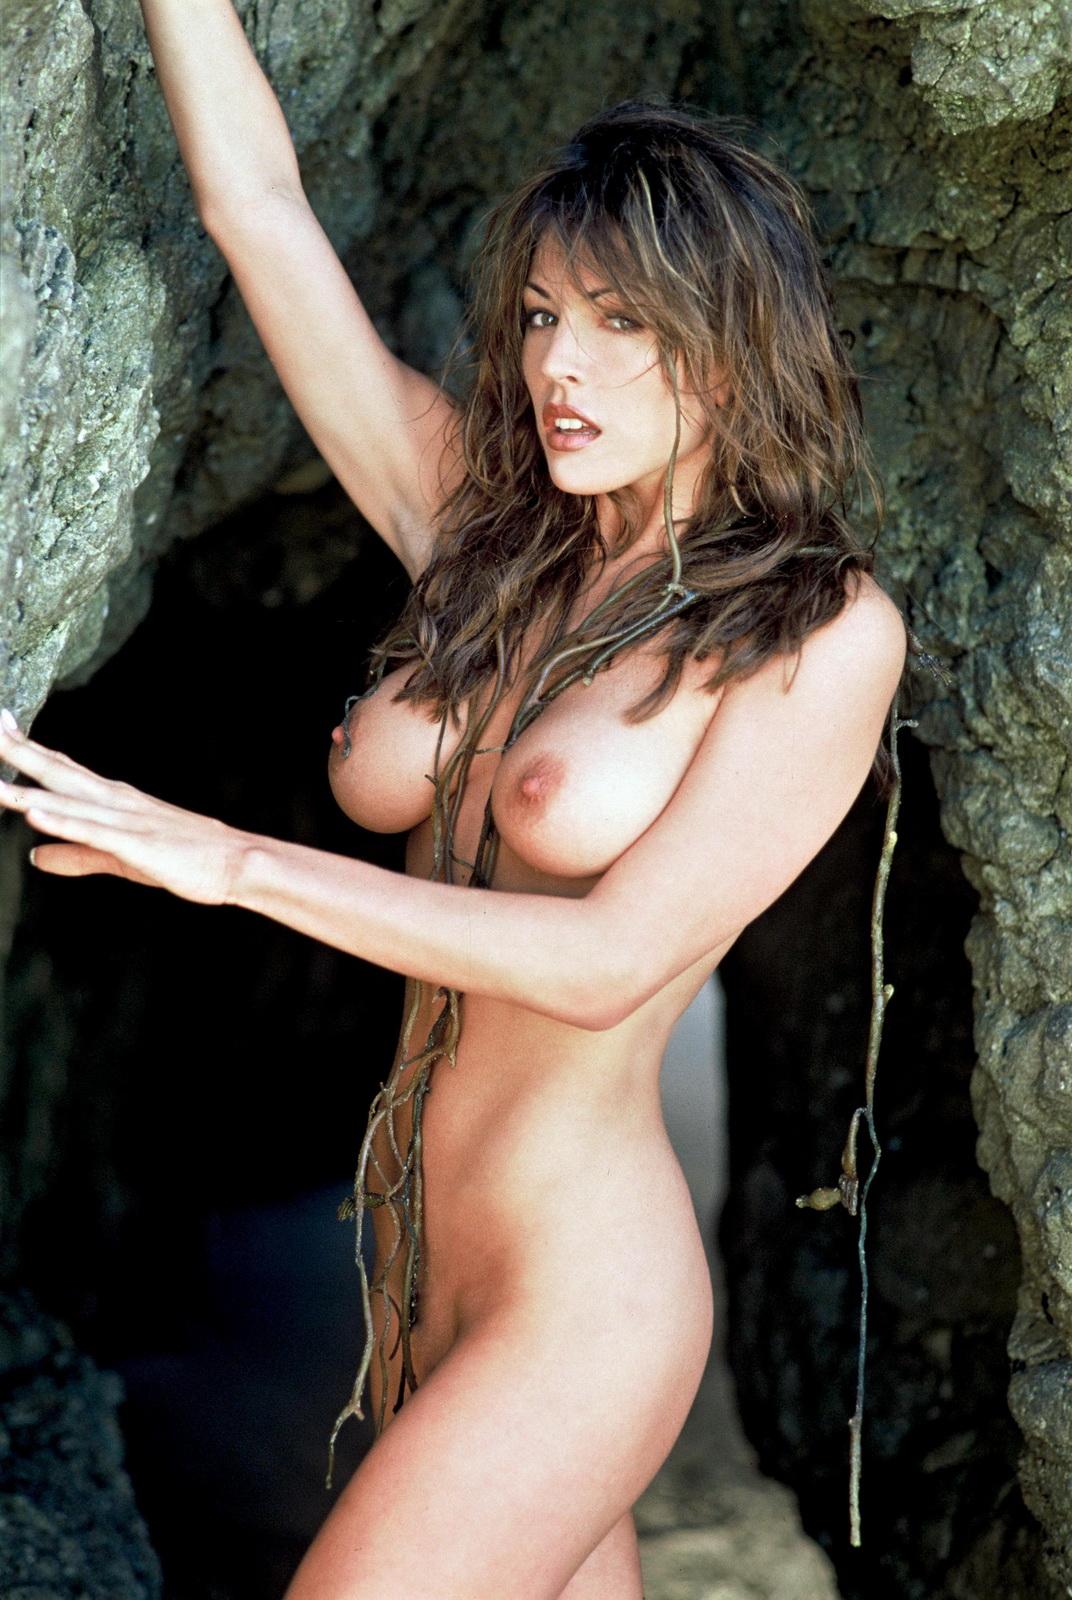 krista allen nude close up